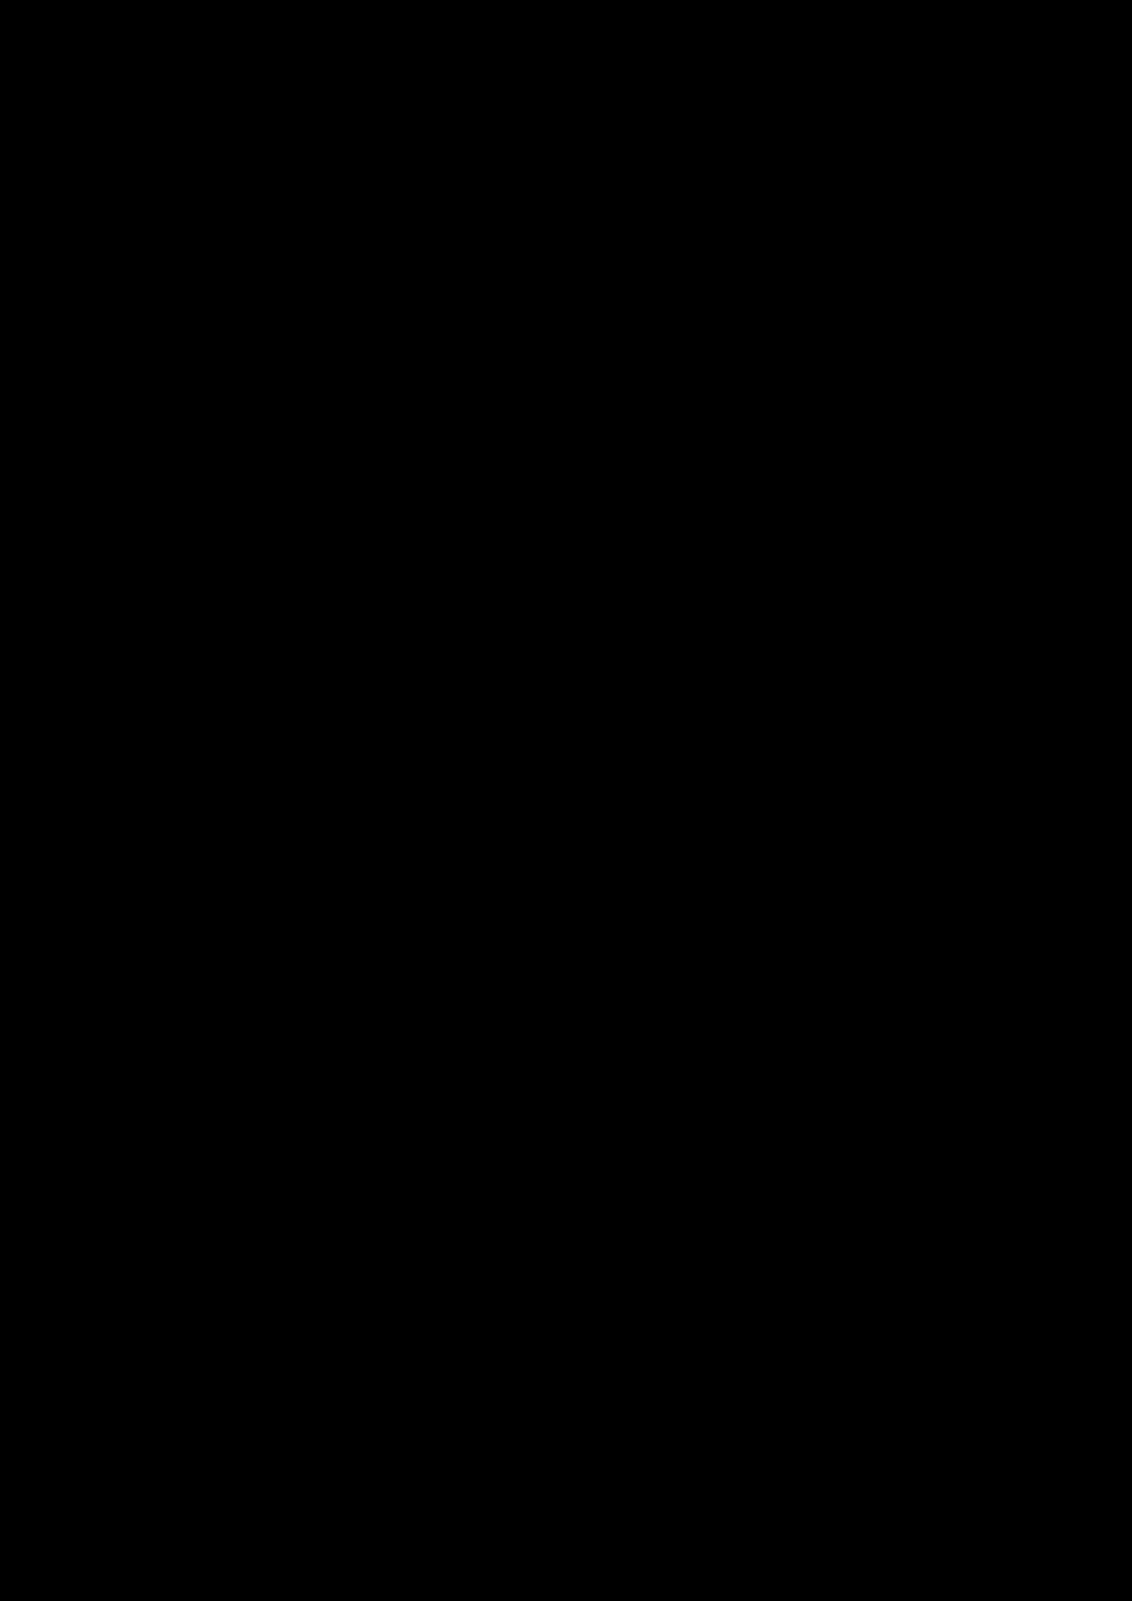 Proschanie s volshebnoy stranoy slide, Image 44